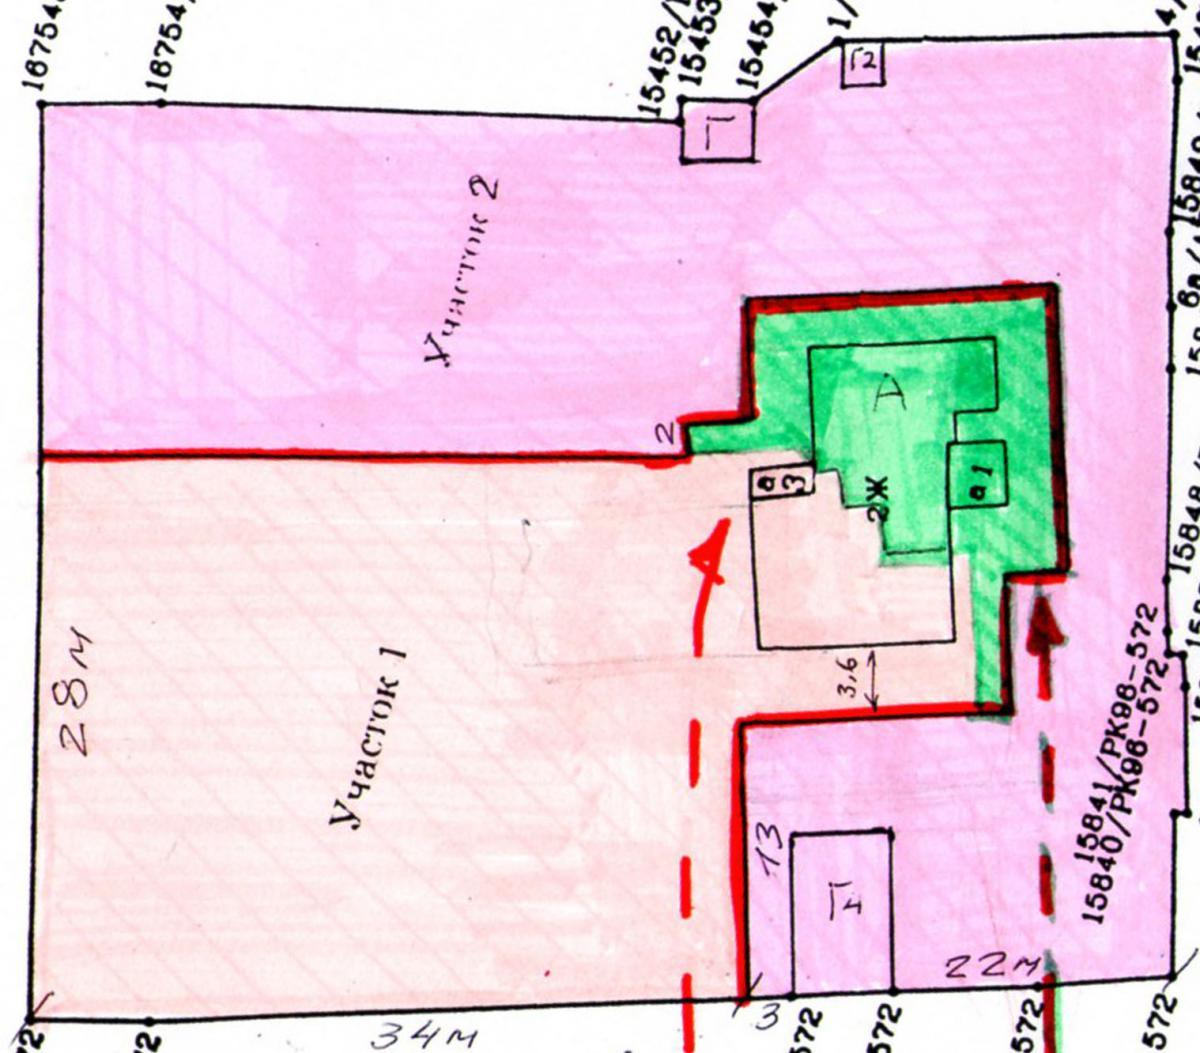 раздел земельного участка под общей долей собственностью многоквартирные жилые дома медленно